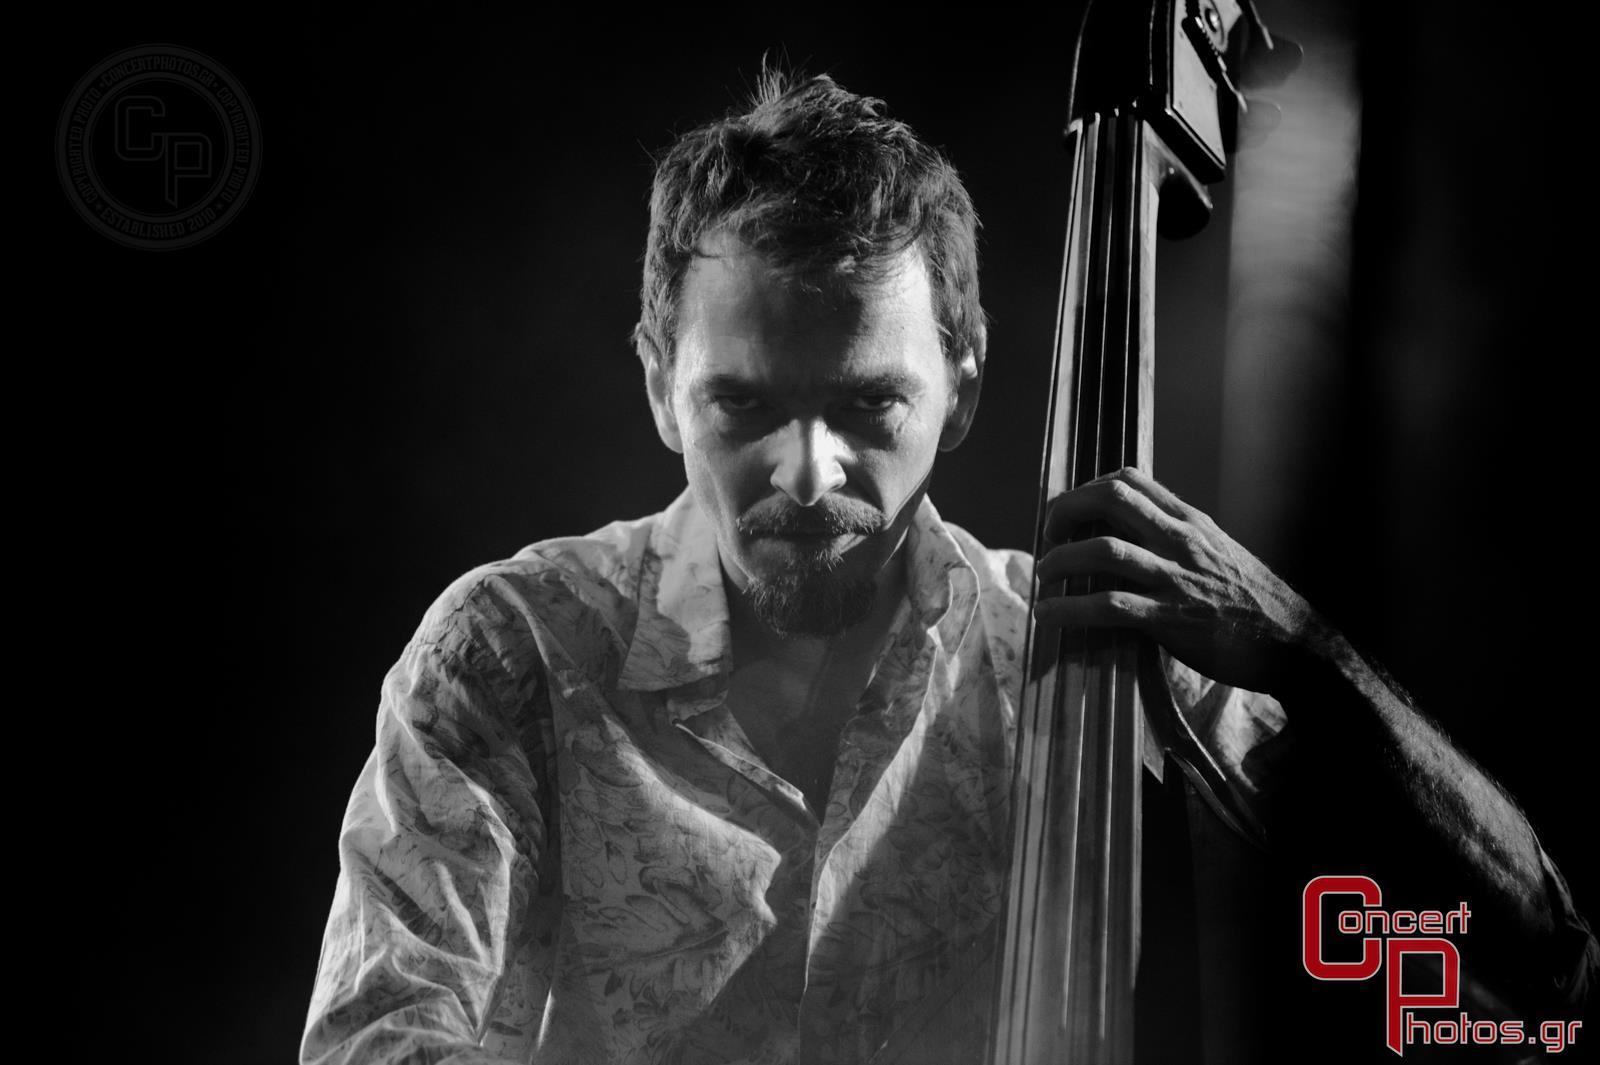 Μία συναυλία για τη Σχεδία 2014-Sxedia 2014 photographer:  - concertphotos_20140526_22_51_02